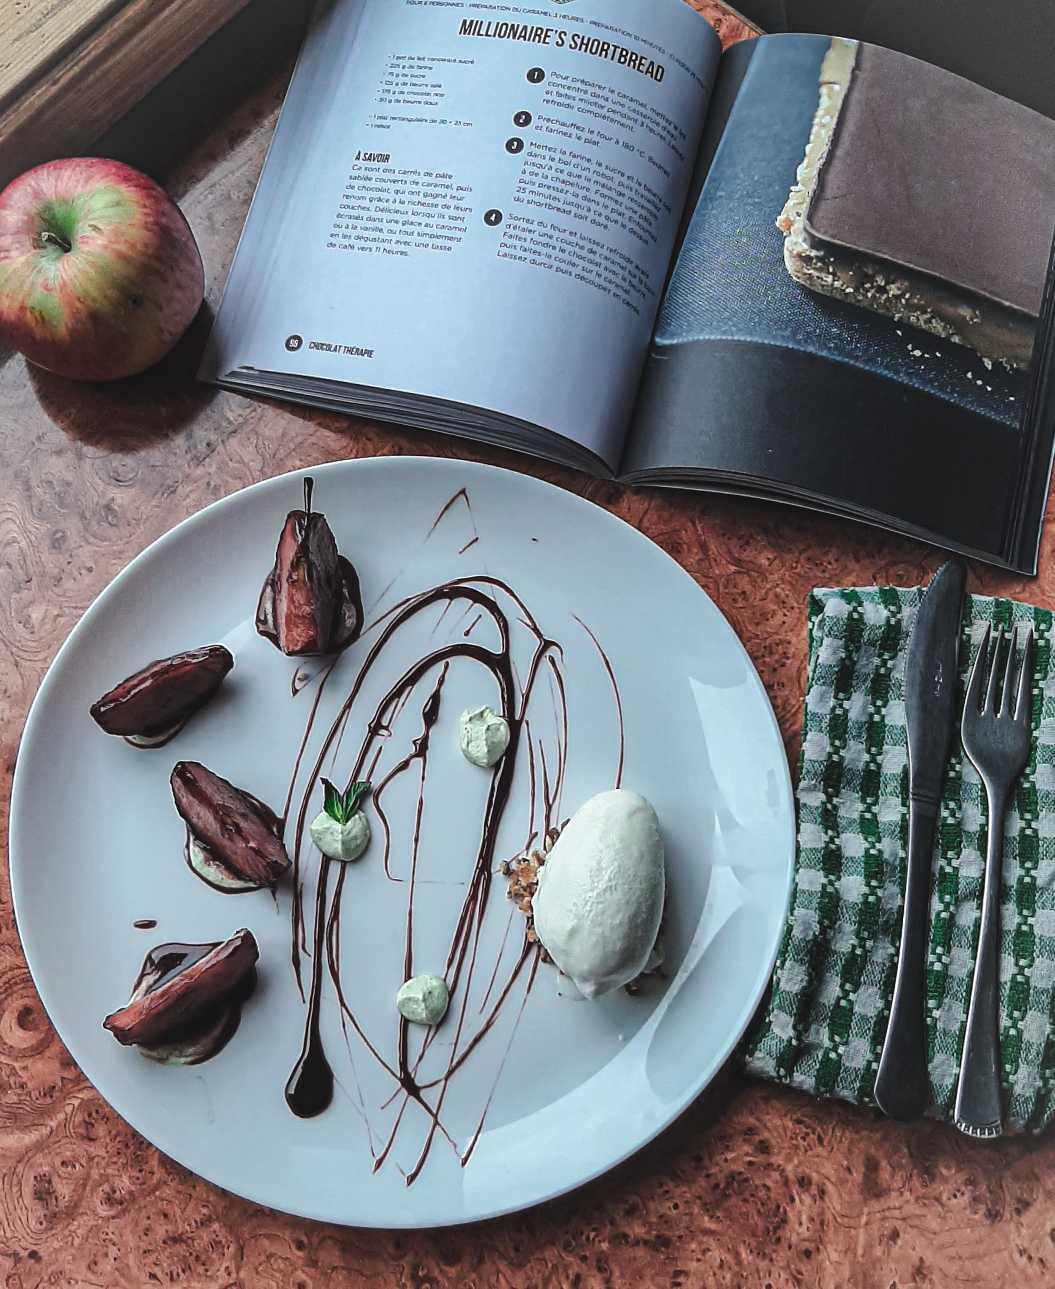 """""""ნიუტონის ვაშლი"""" ტკბილ-ცხარე საფერავის კარამელთან, პიტნიანი ნადუღის კრემთან და მაწვნის ნაყინთან."""